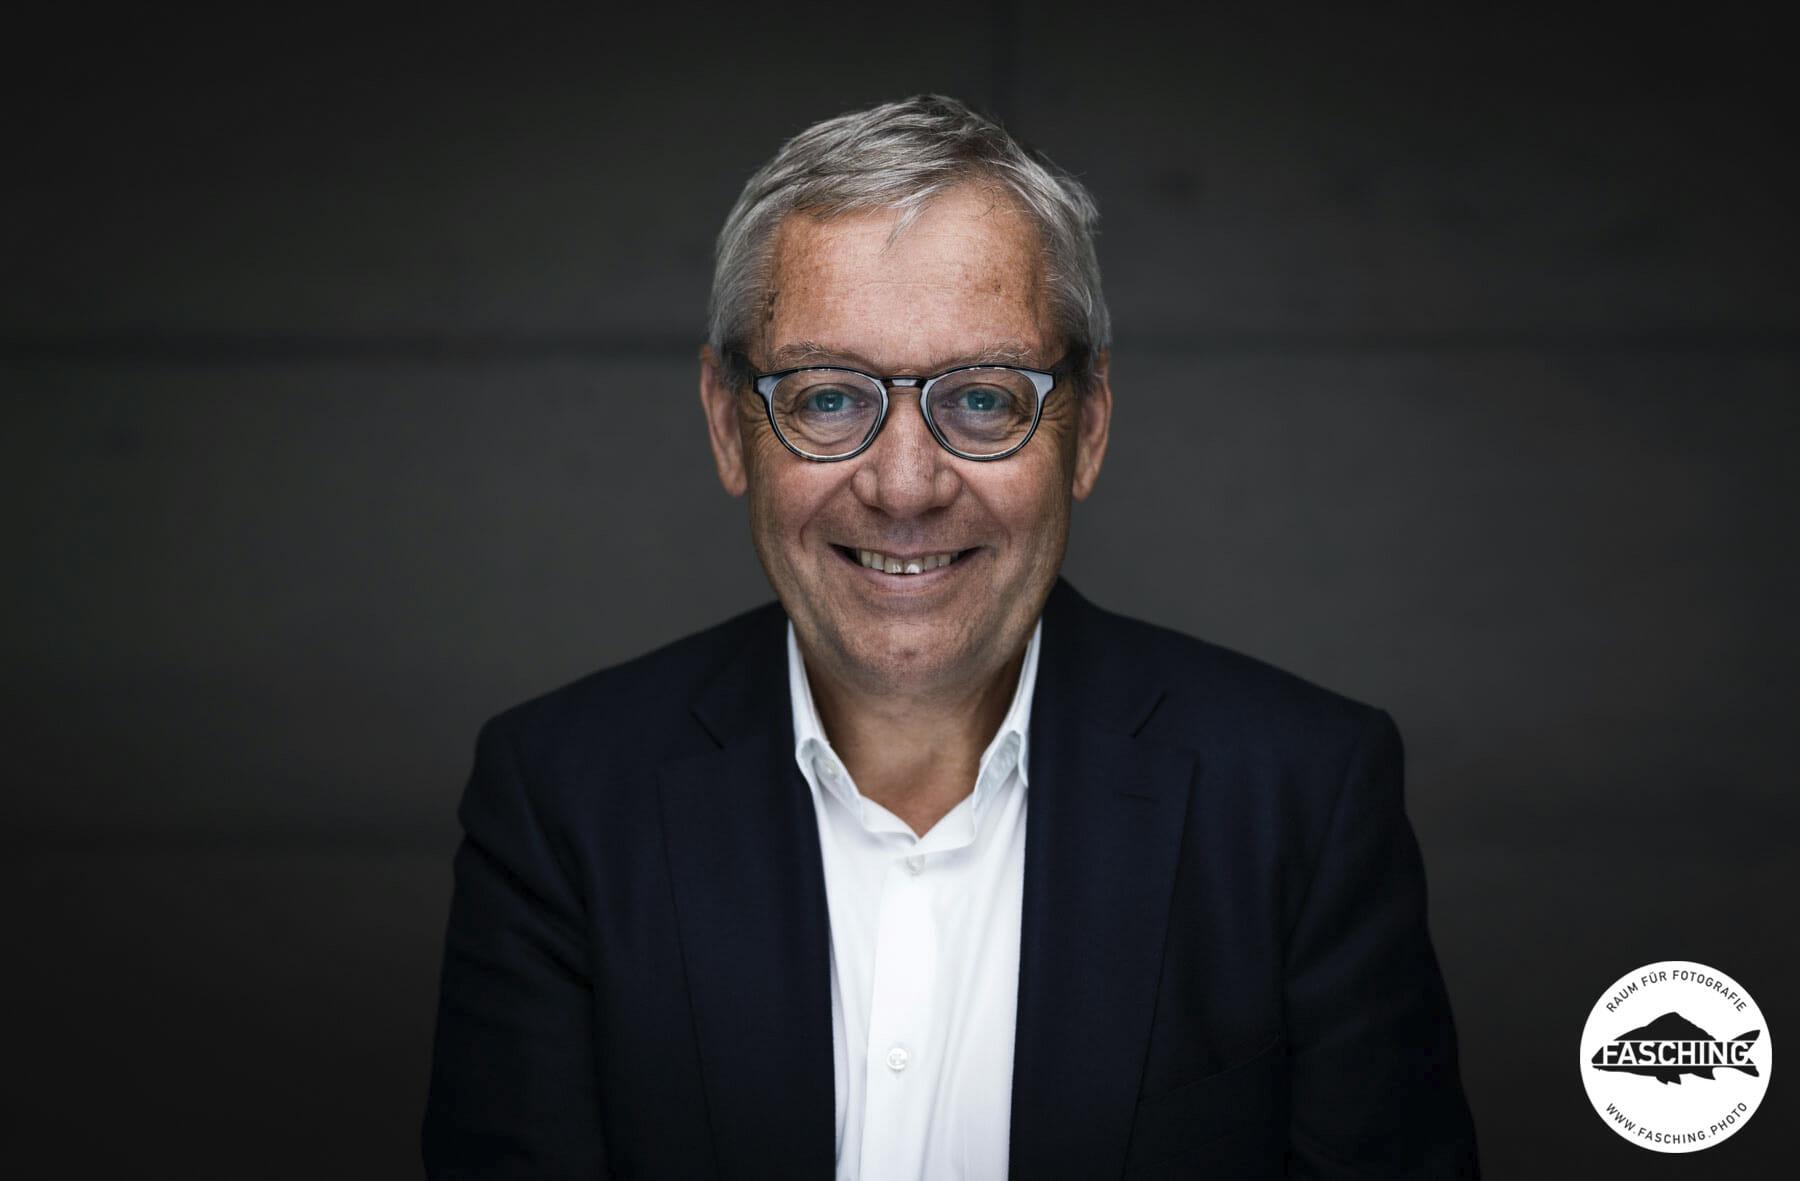 Businessportraits fotografiert von dem vorarlberger Fotograf Luca Fasching für die Vorarlberger Wirtschaftskammer